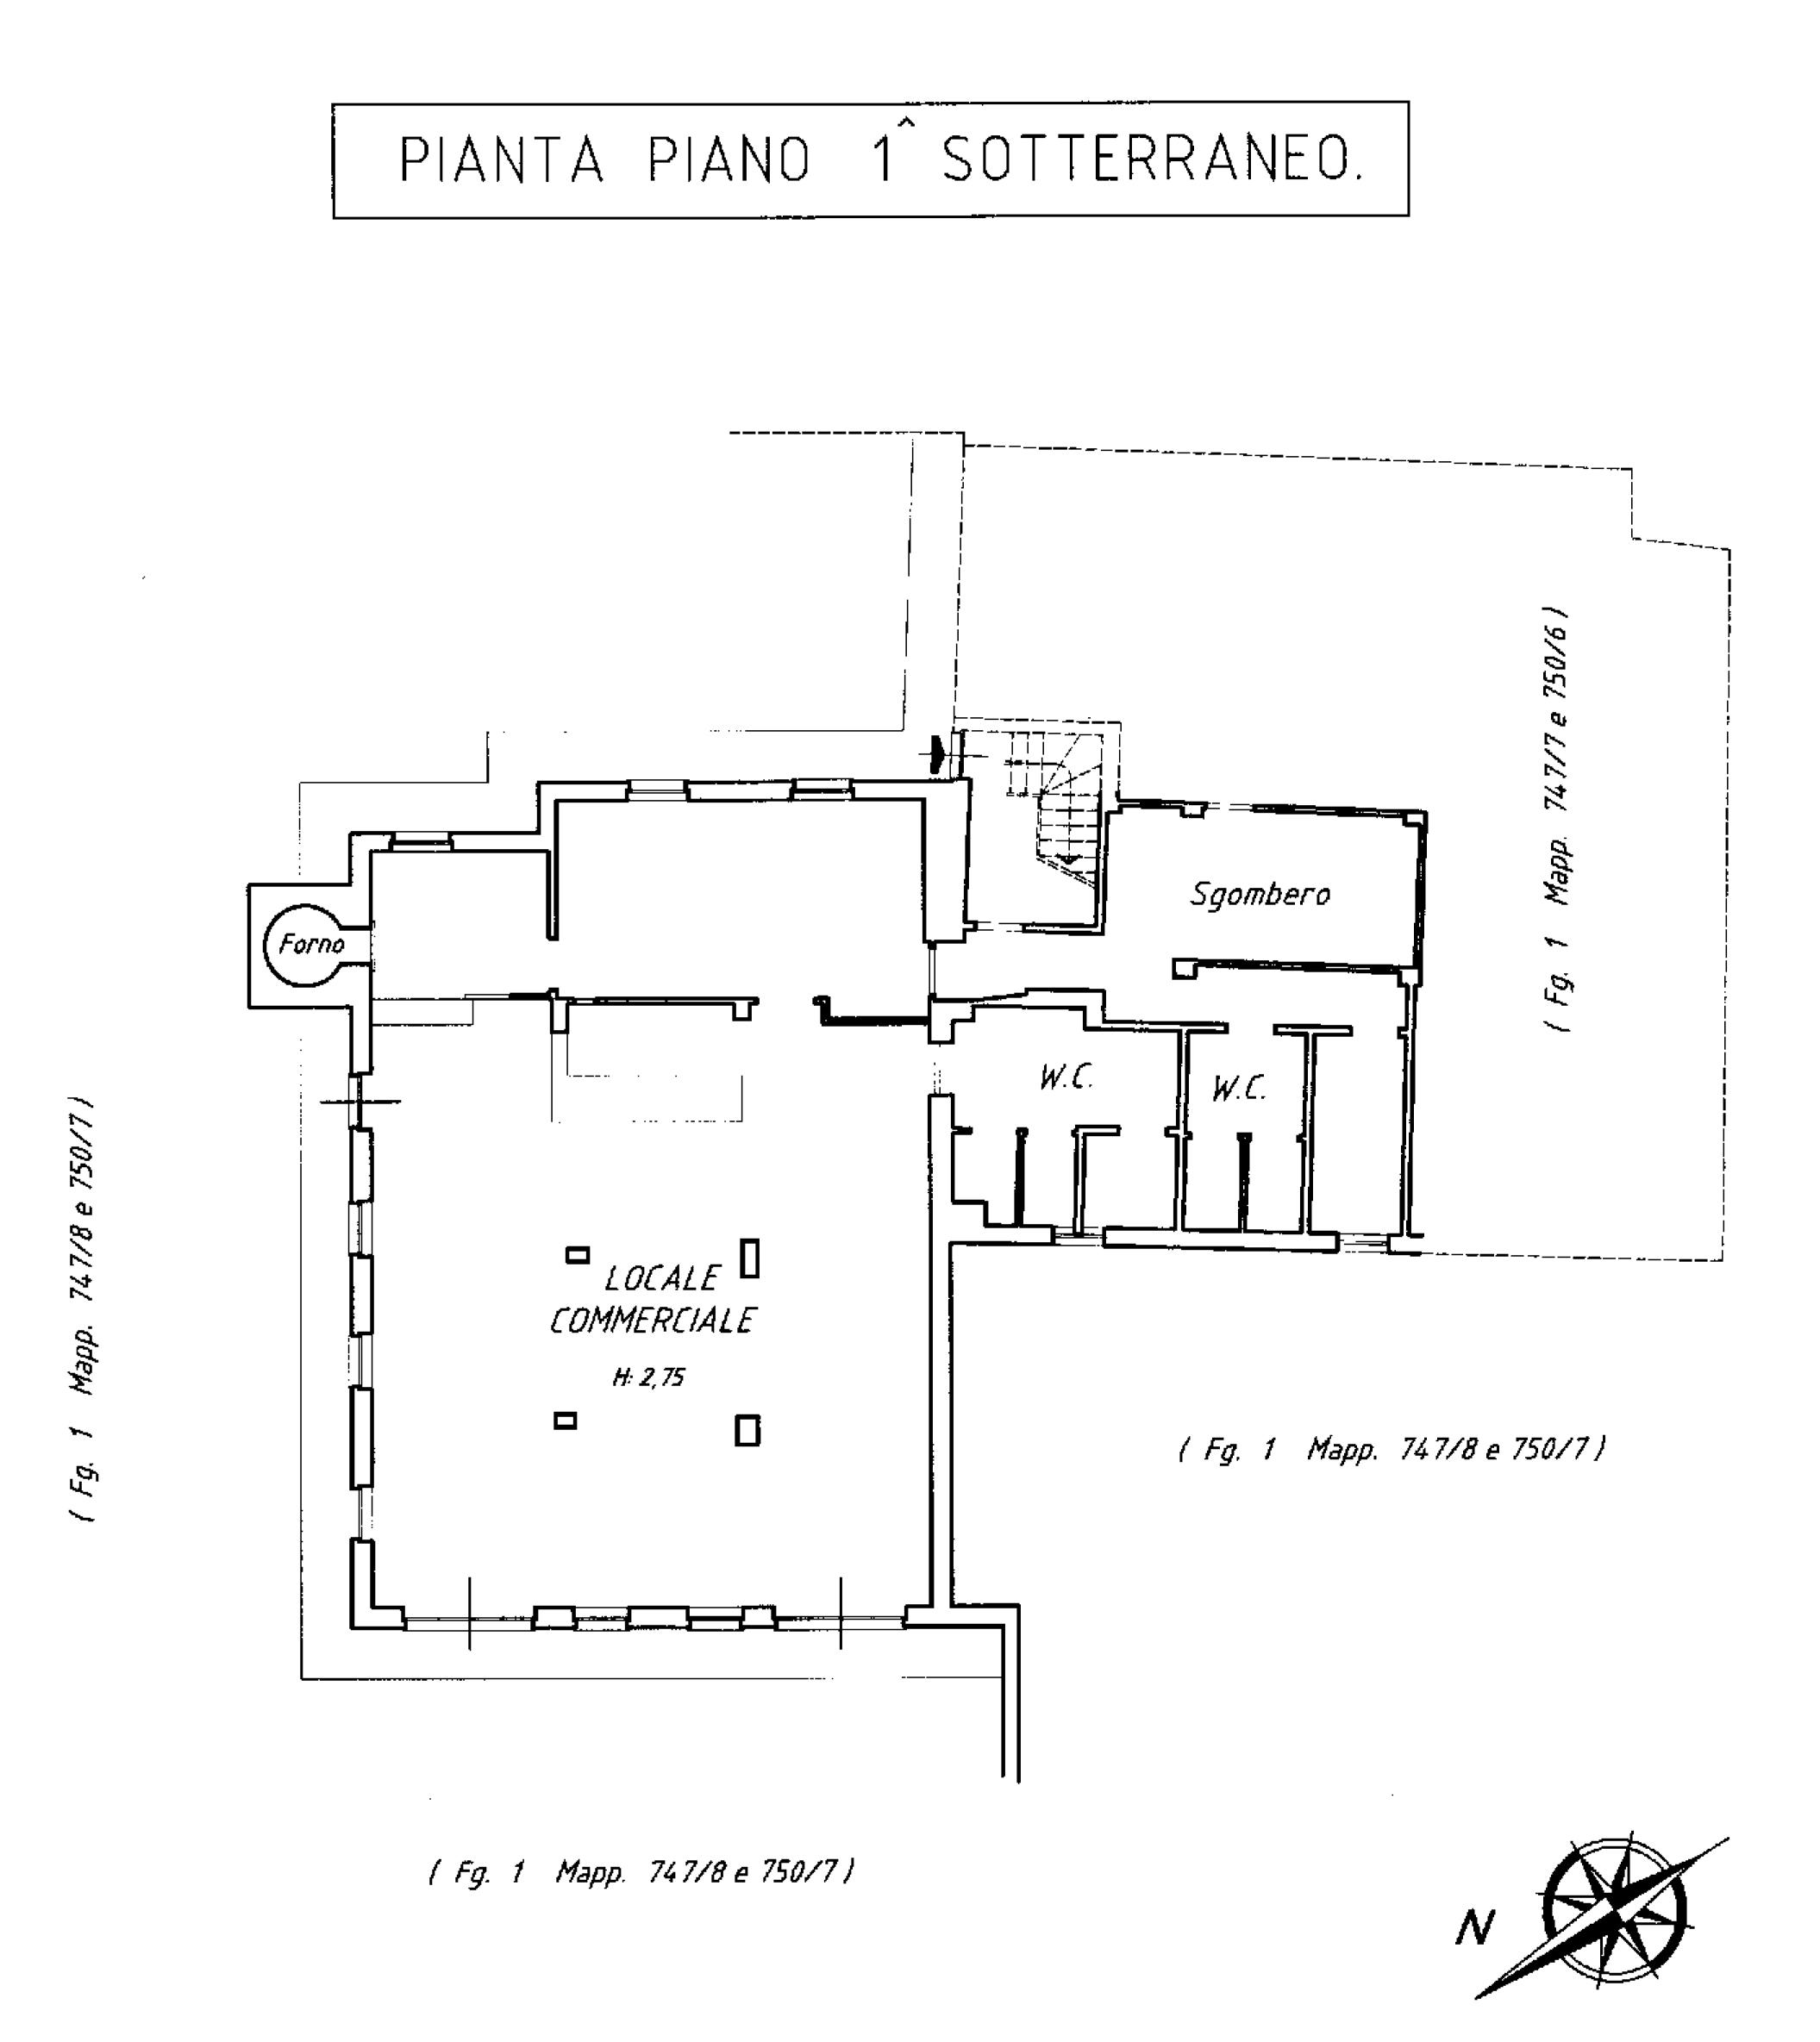 piano terra-seminterrato catastale - Ristorante